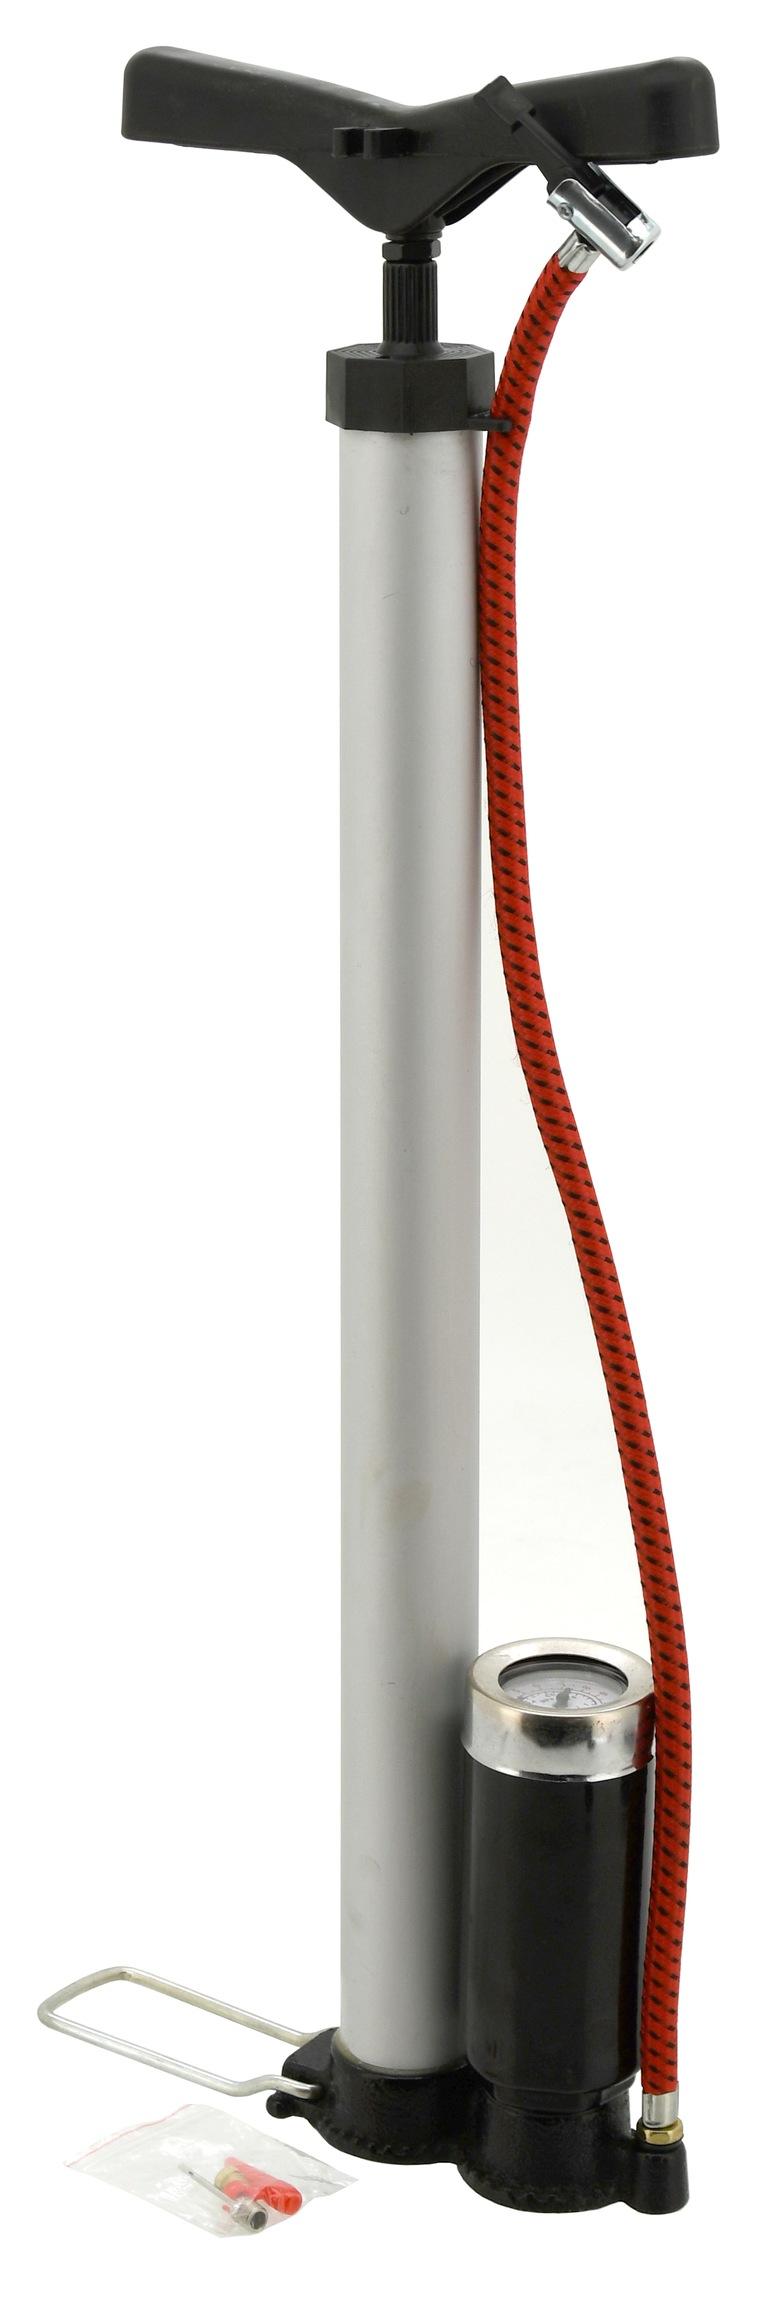 Hustilka ruční 510 x 35mm ALU s manometrem